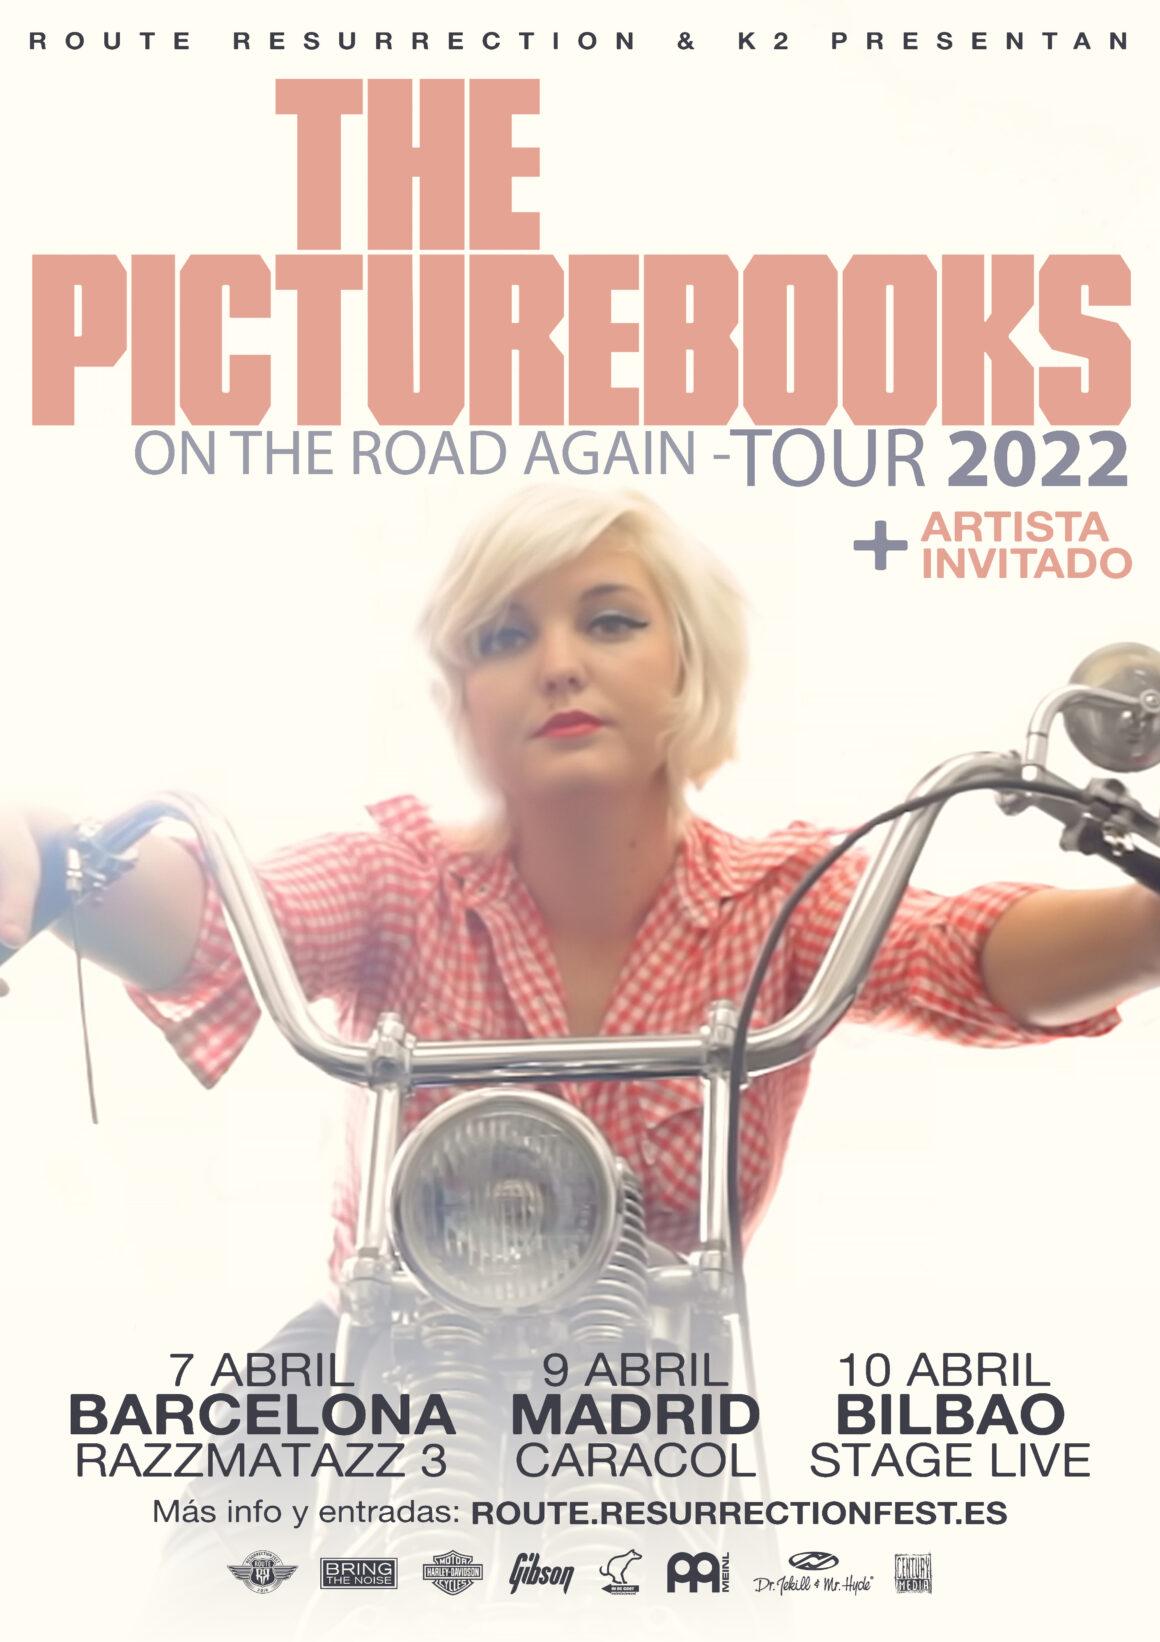 Nueva gira Route Resurrection: The Picturebooks vuelven a España